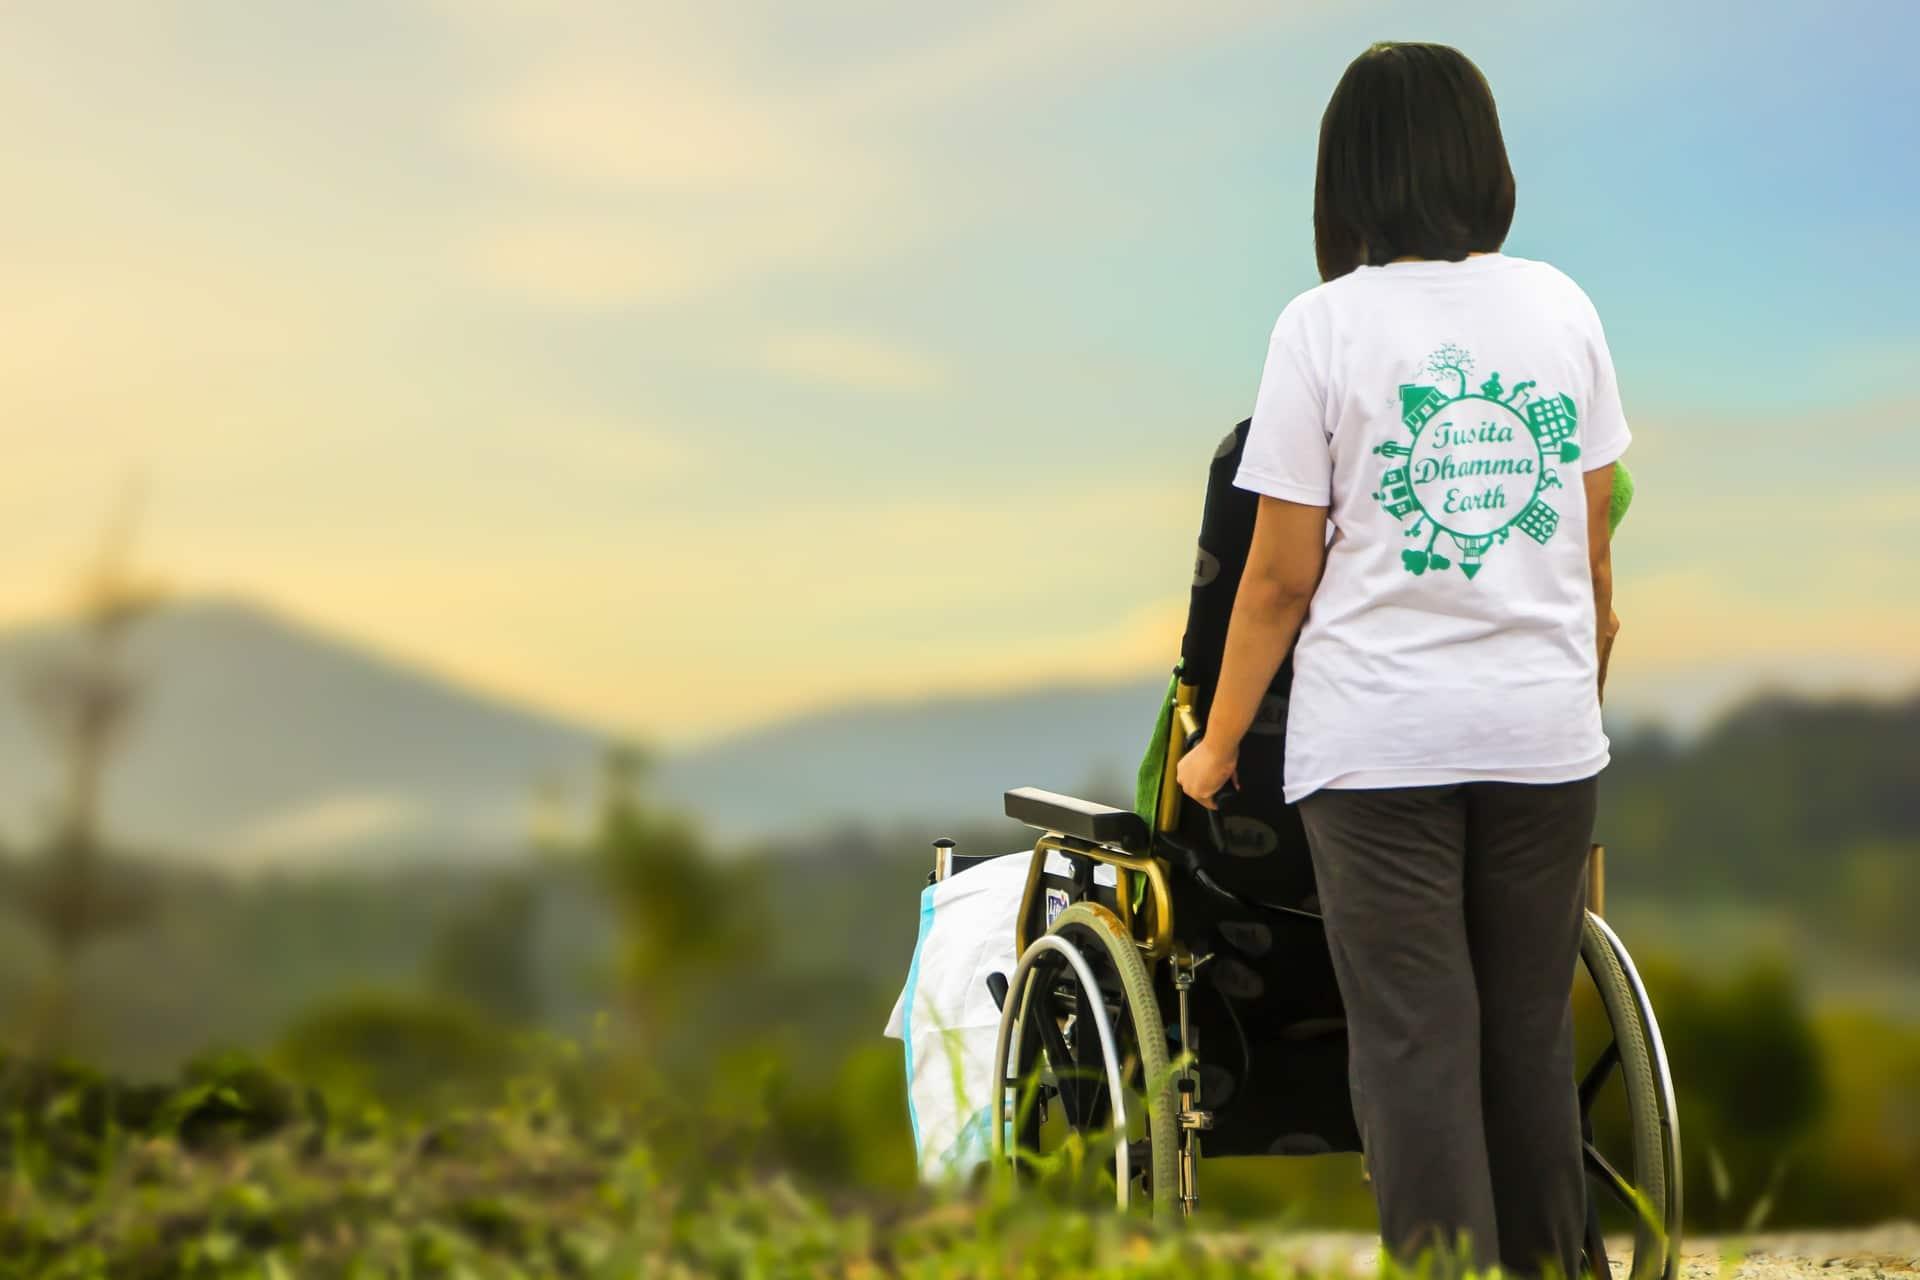 Hoitaja työntää asiakasta pyörätuolissa kauniin maiseman edessä